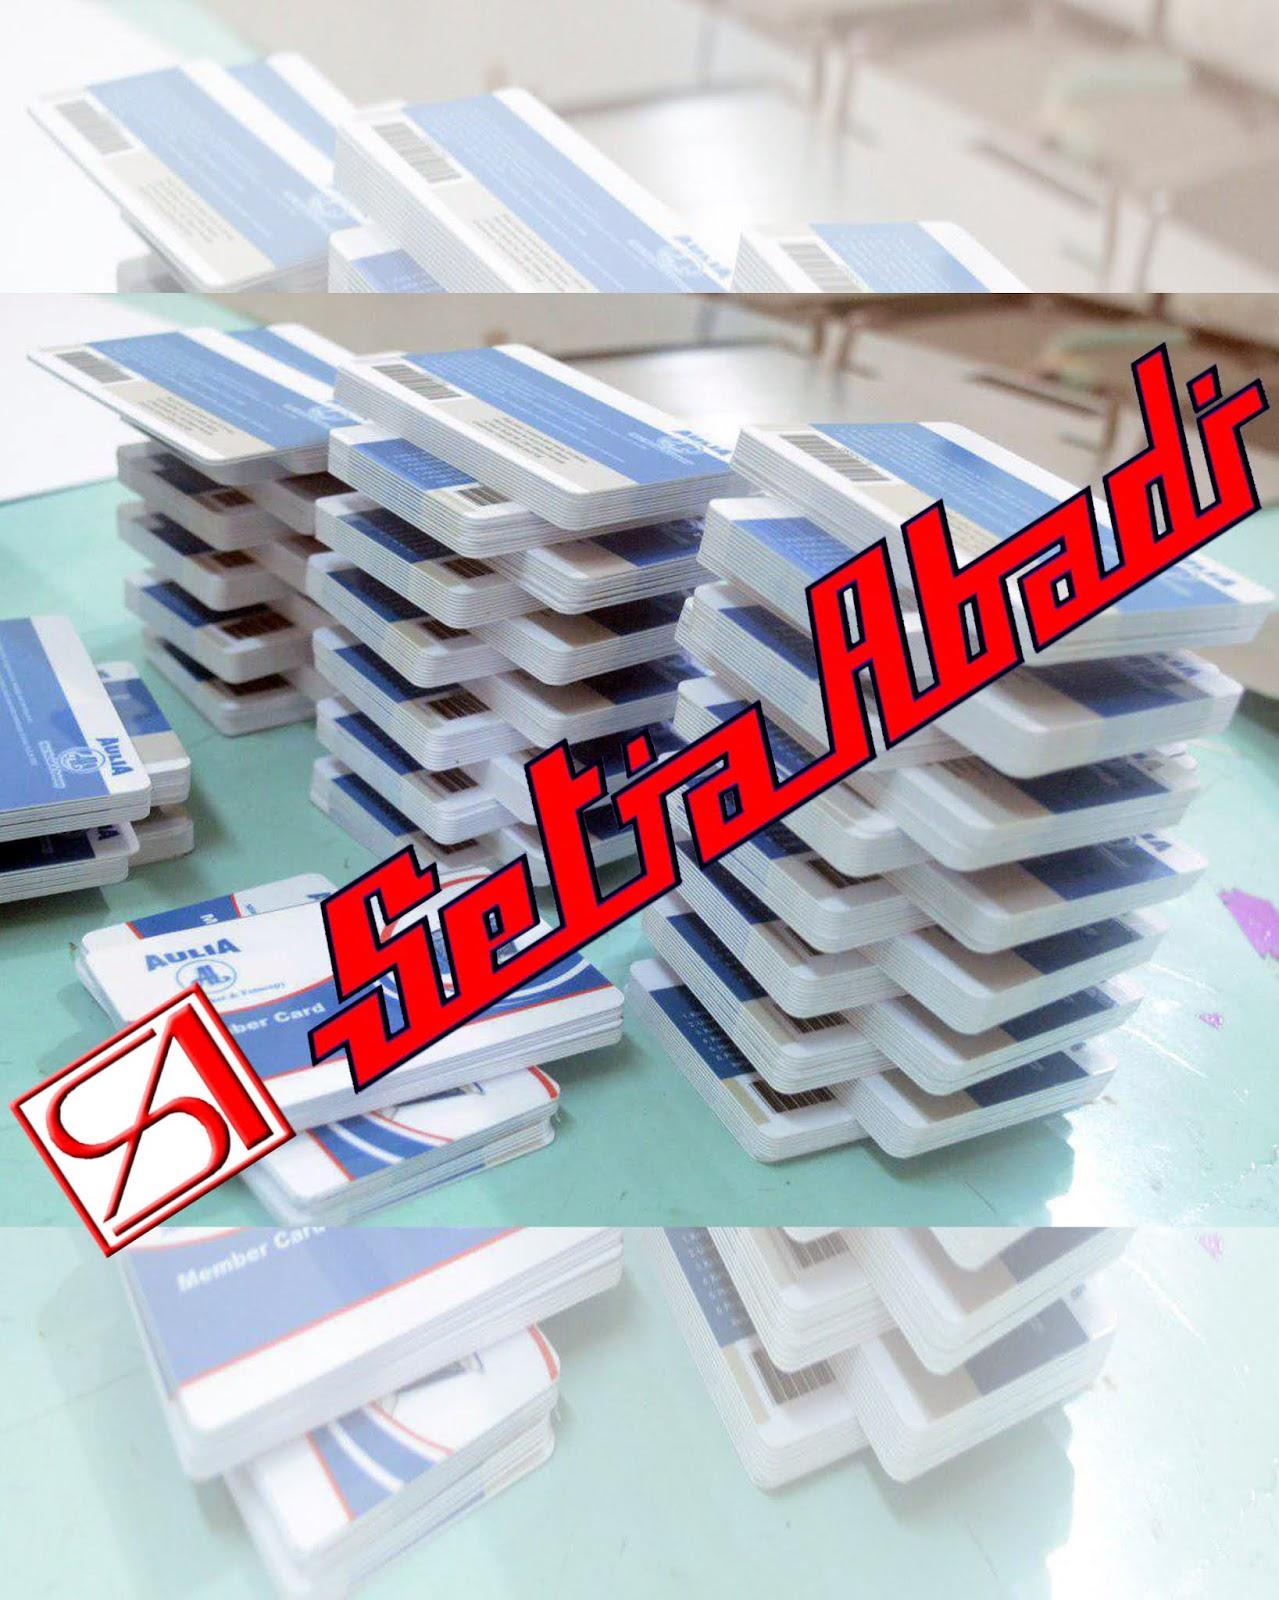 https://www.offsetprinting21.com/2019/01/jasa-cetak-id-card-di-jakarta_7.html